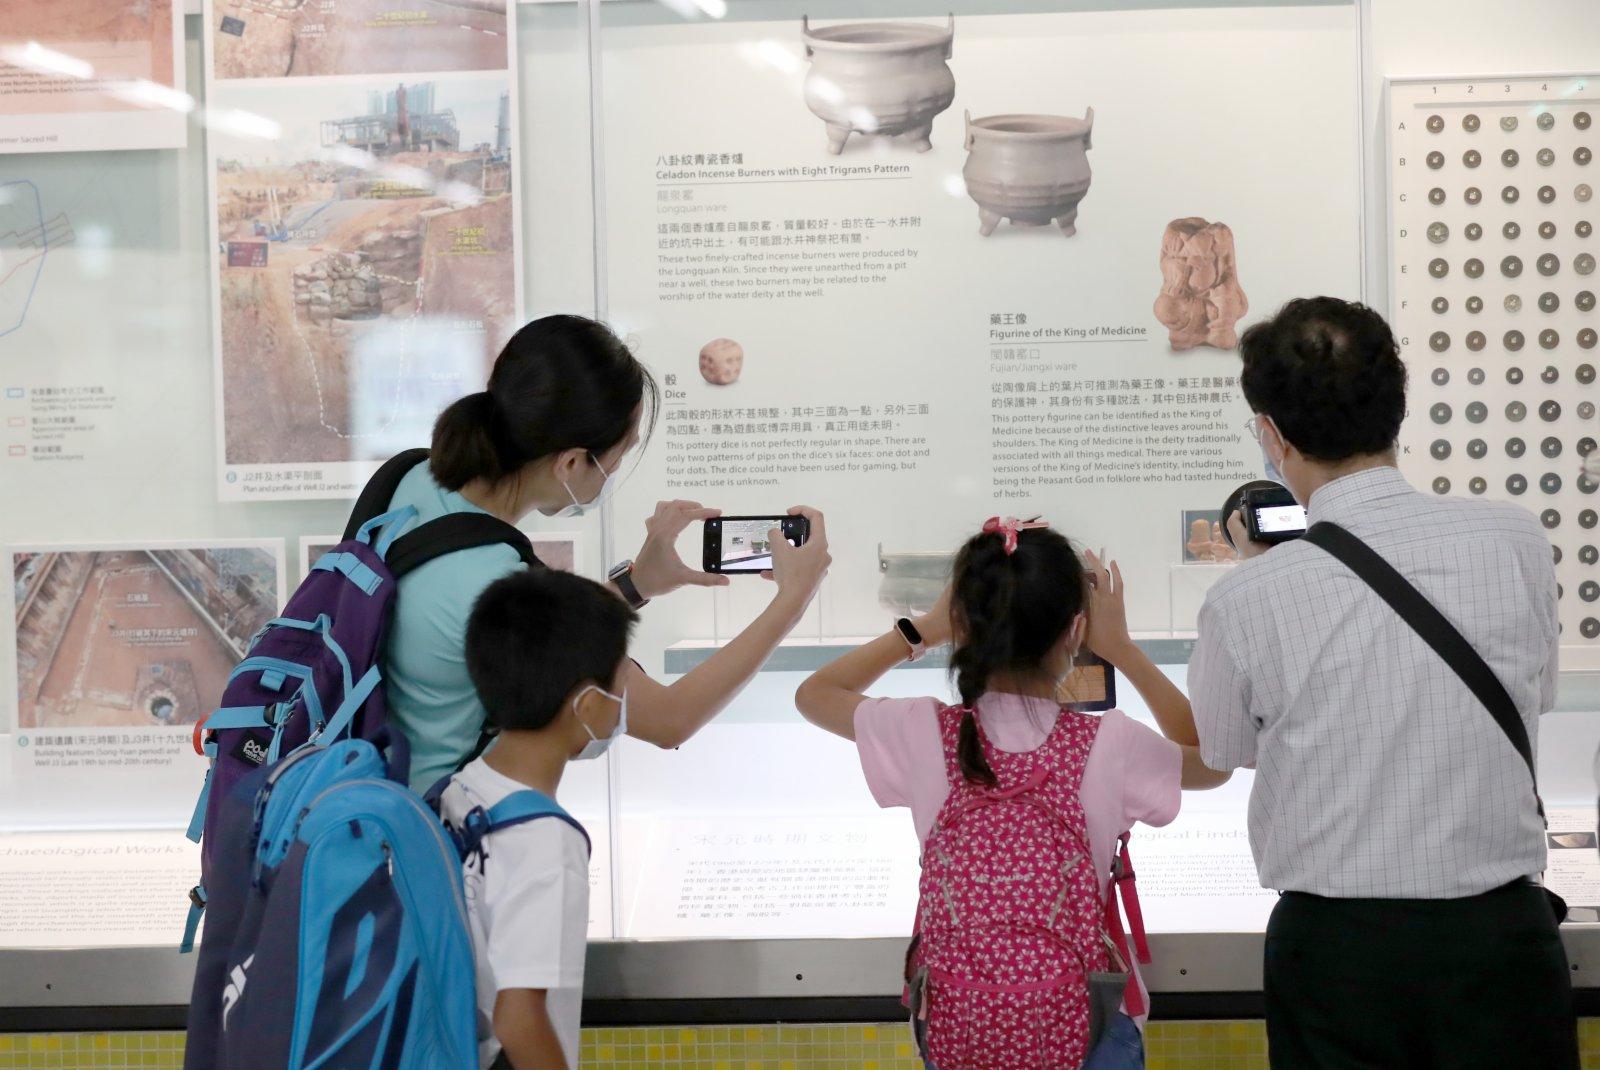 乘客在宋皇臺站的「文物館」觀看展覽(7月6日攝)。(新華社)